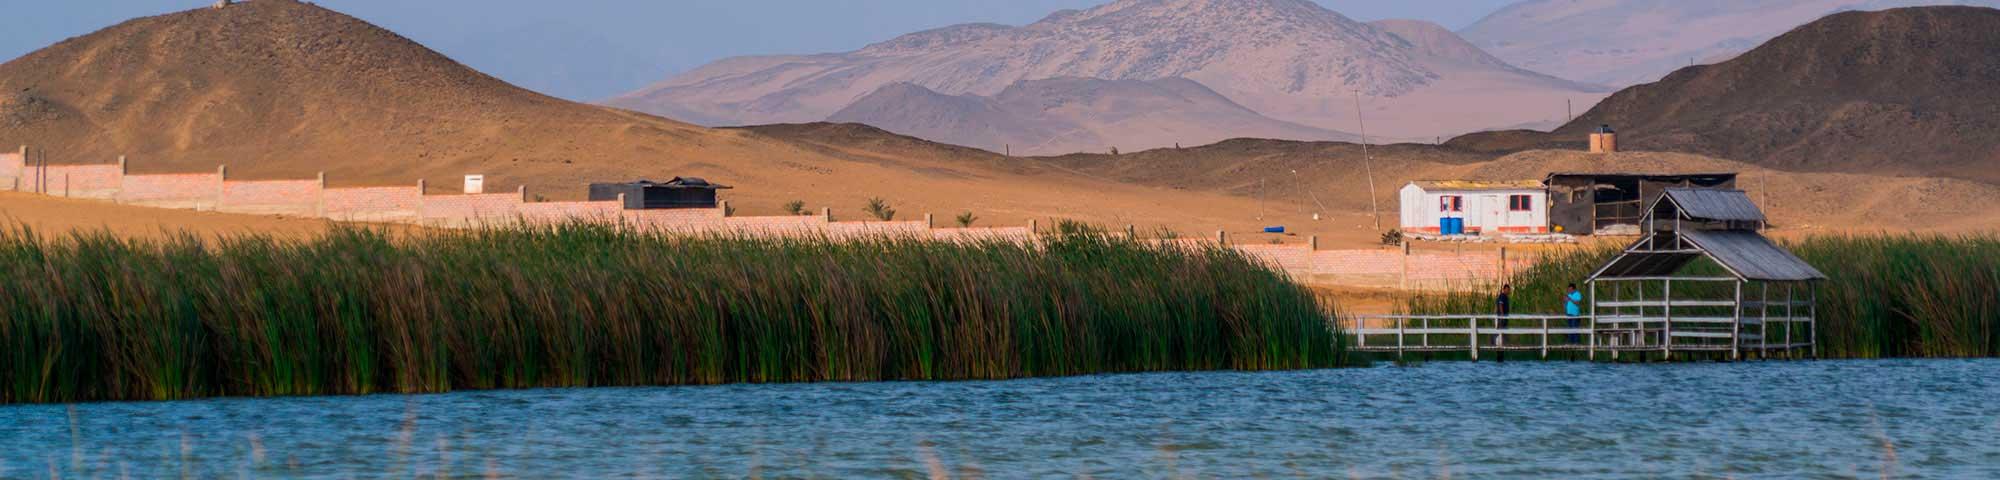 Área de Conservación Regional Albúfera de Medio Mundo